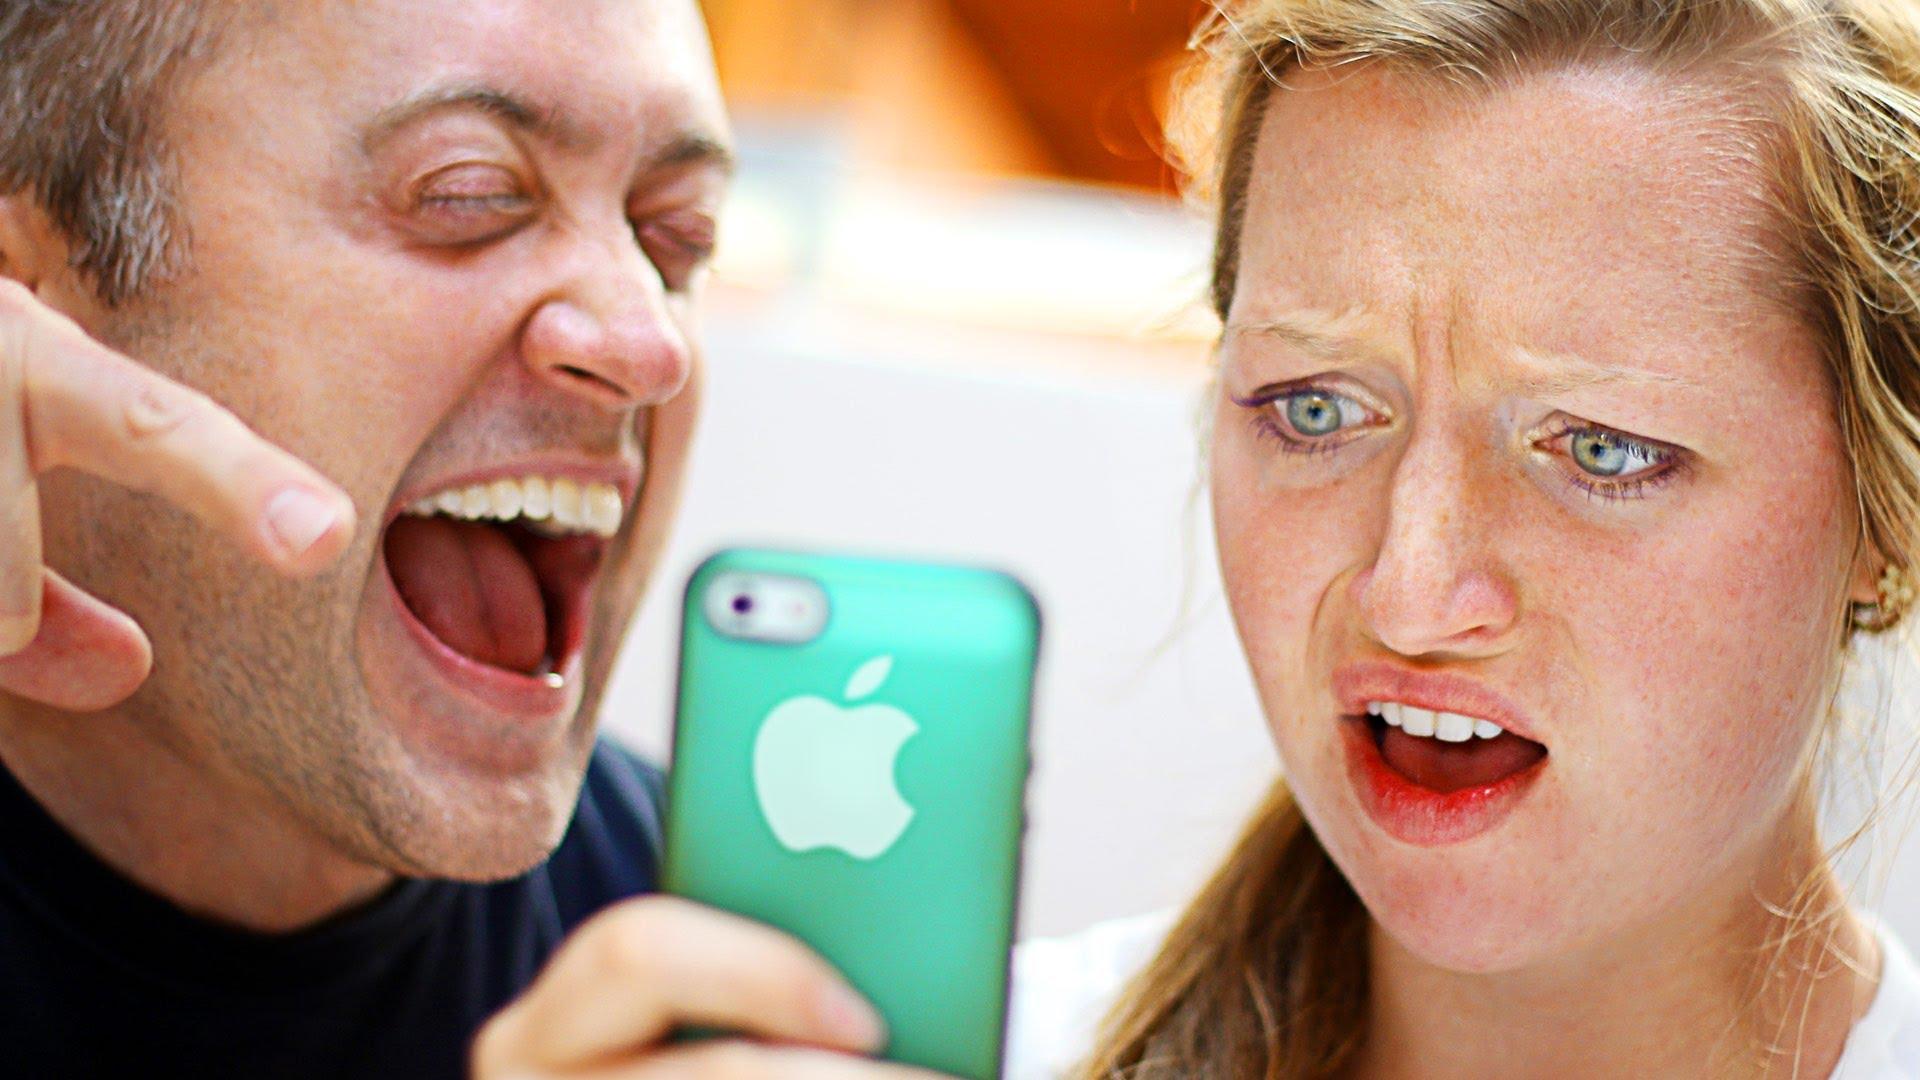 Първоаприлски вицове за приятели, които имат Айфон